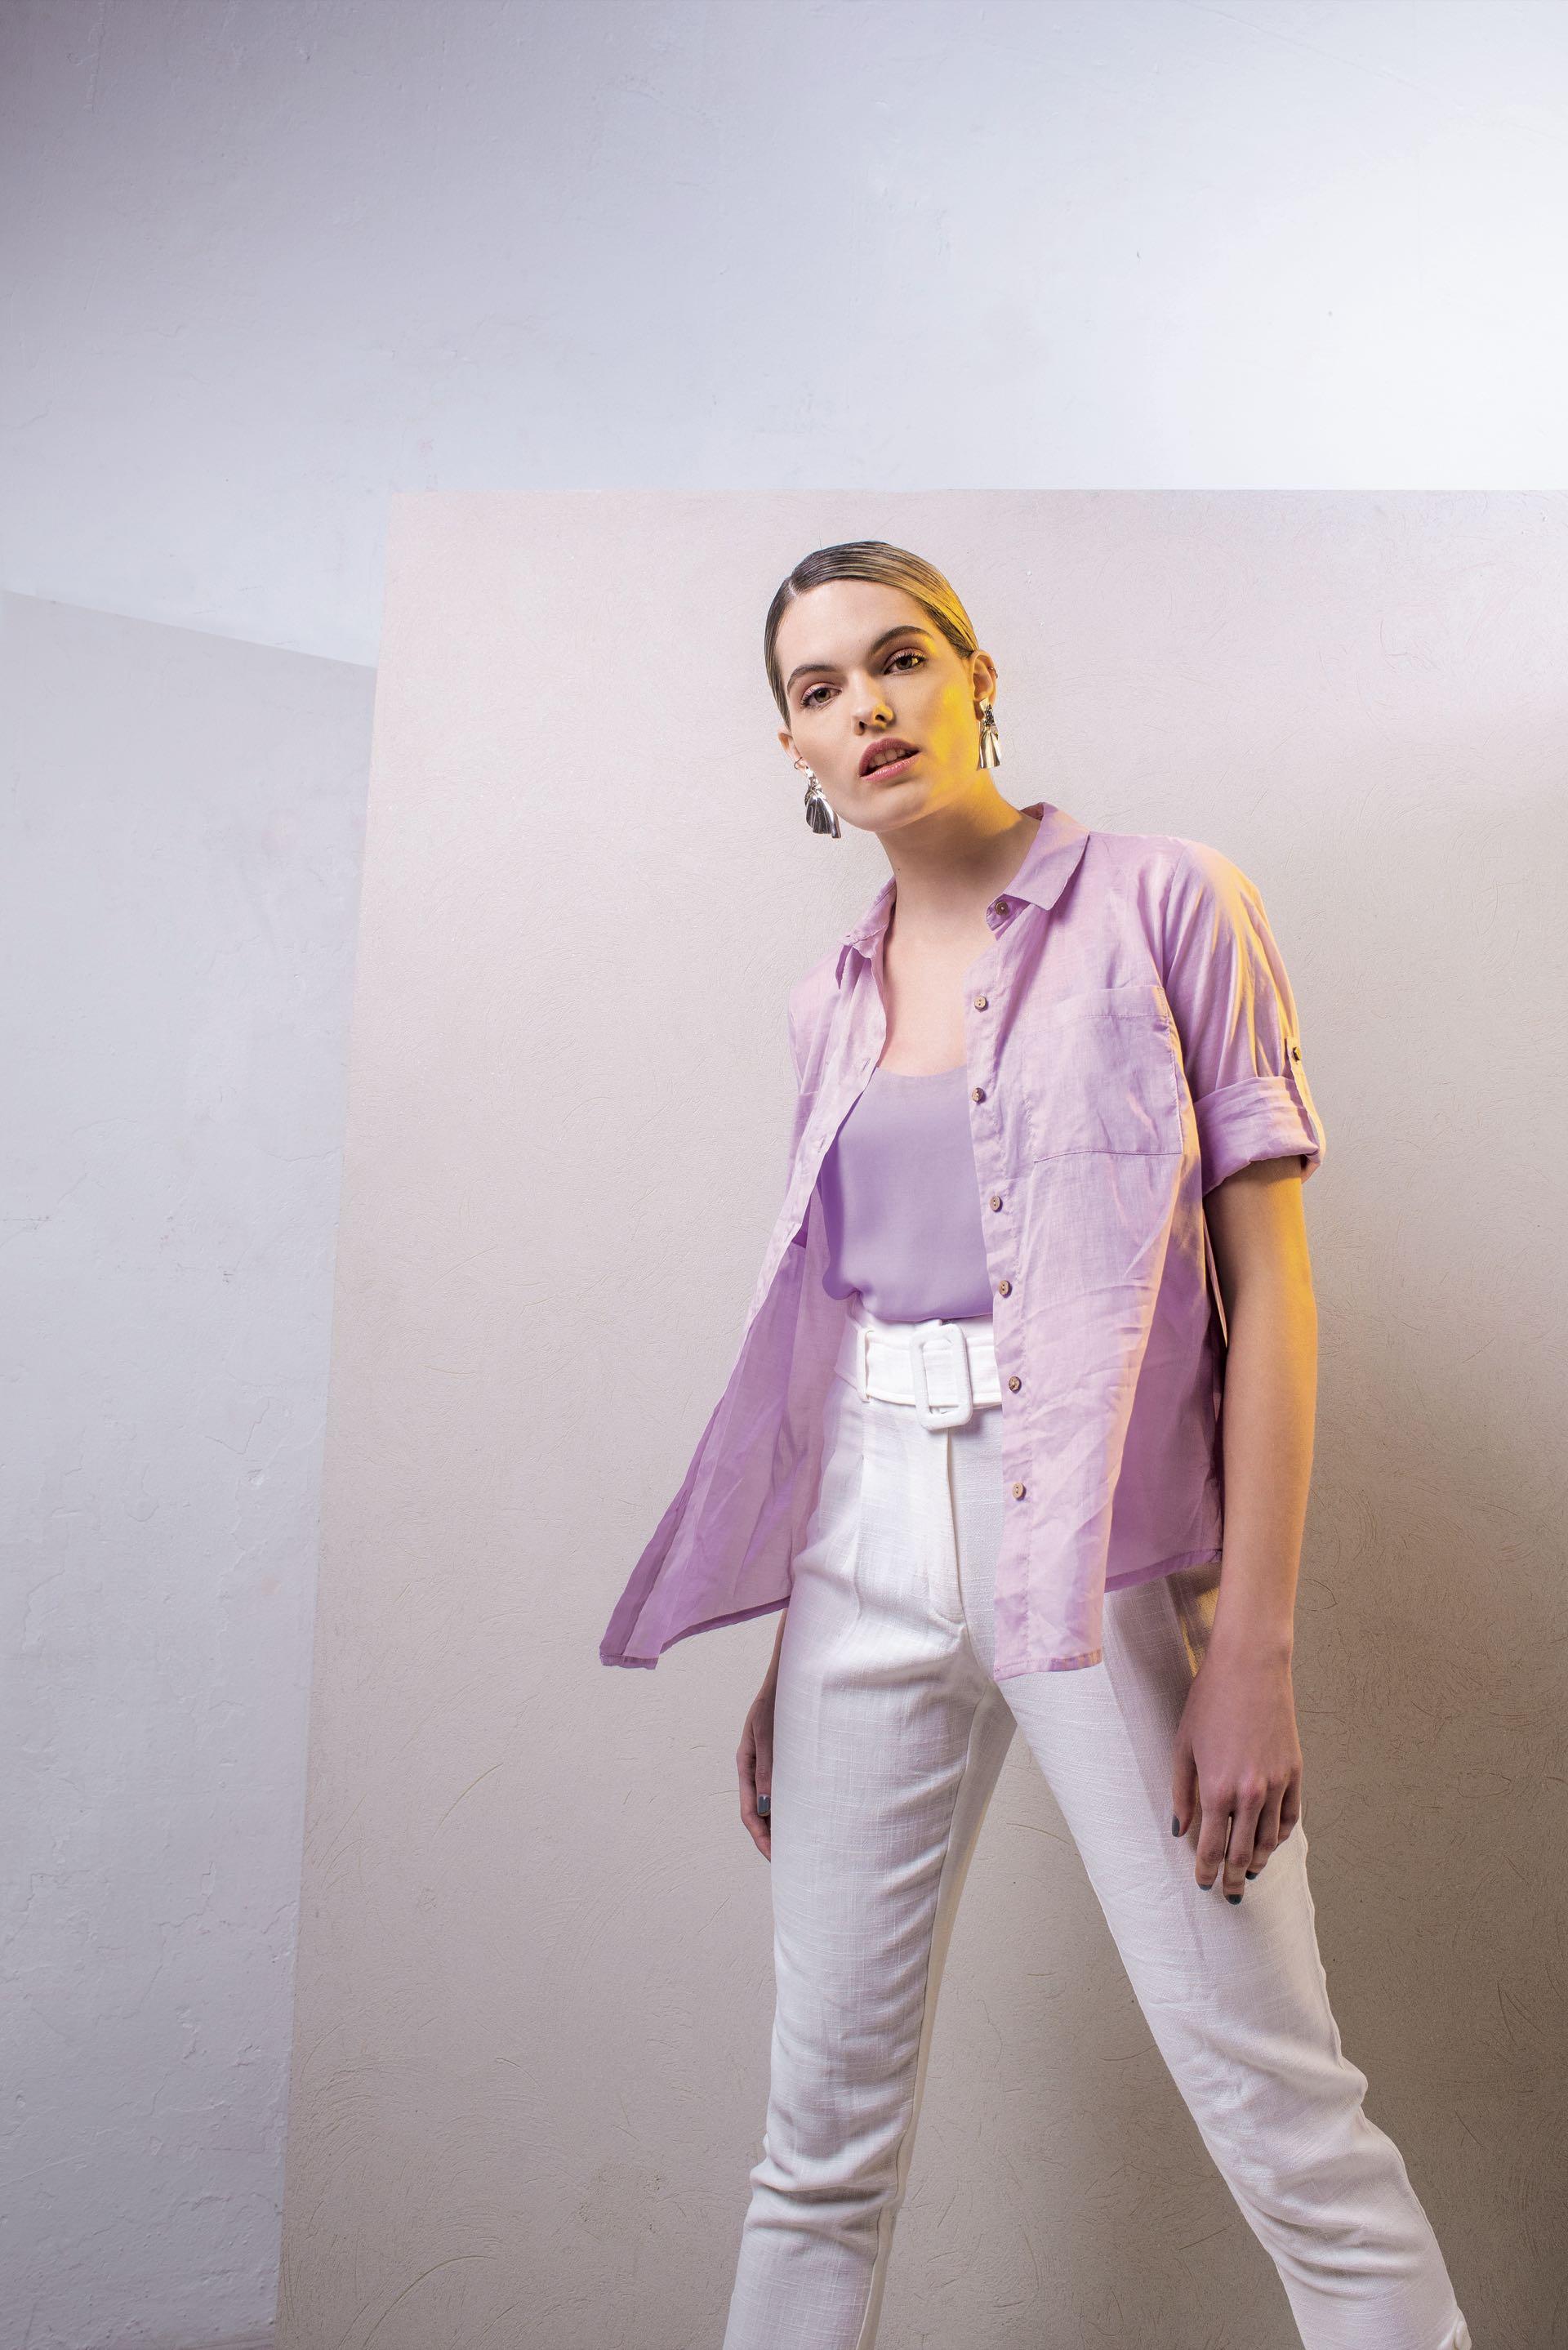 Top de rayón ($ 1.395, Koxis), camisa de algodón (Ted Bodin), pantalón de lino con cinturón y botones ($ 2.800, Clara Ibarguren) y aros plateados ($ 390, Dolores Iguacel). (Foto: Maia Croizet/ Para Ti)